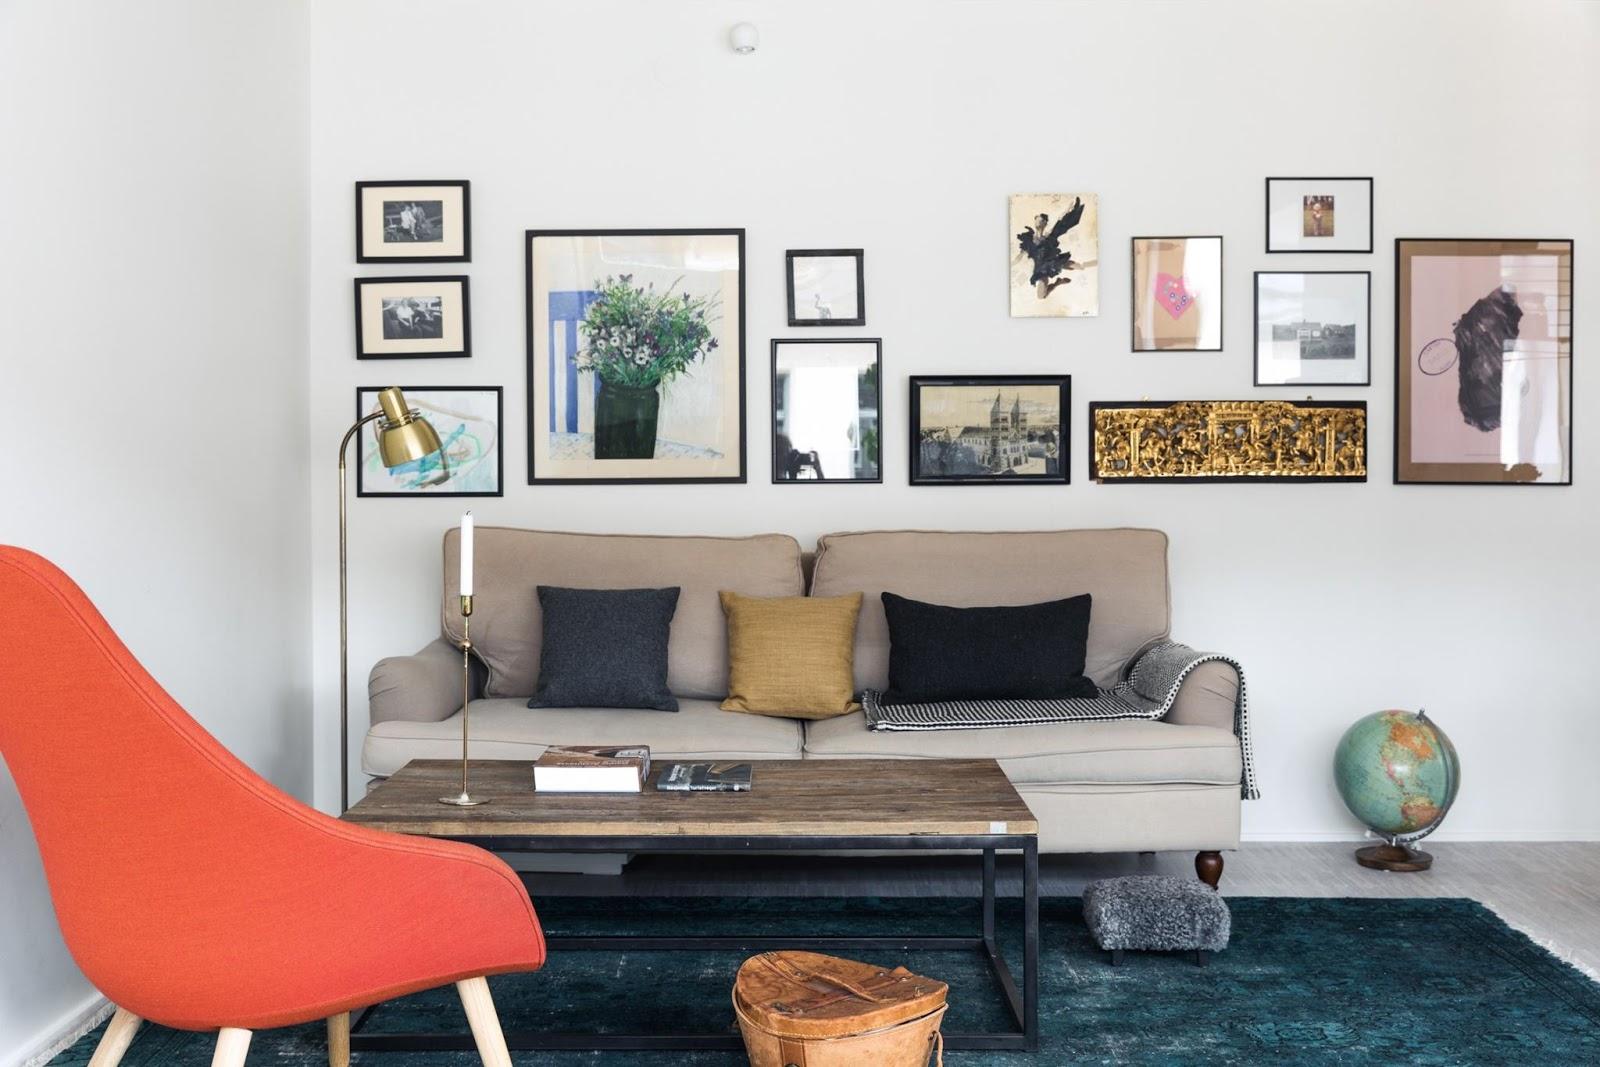 living room inside lofty scandinvian interior